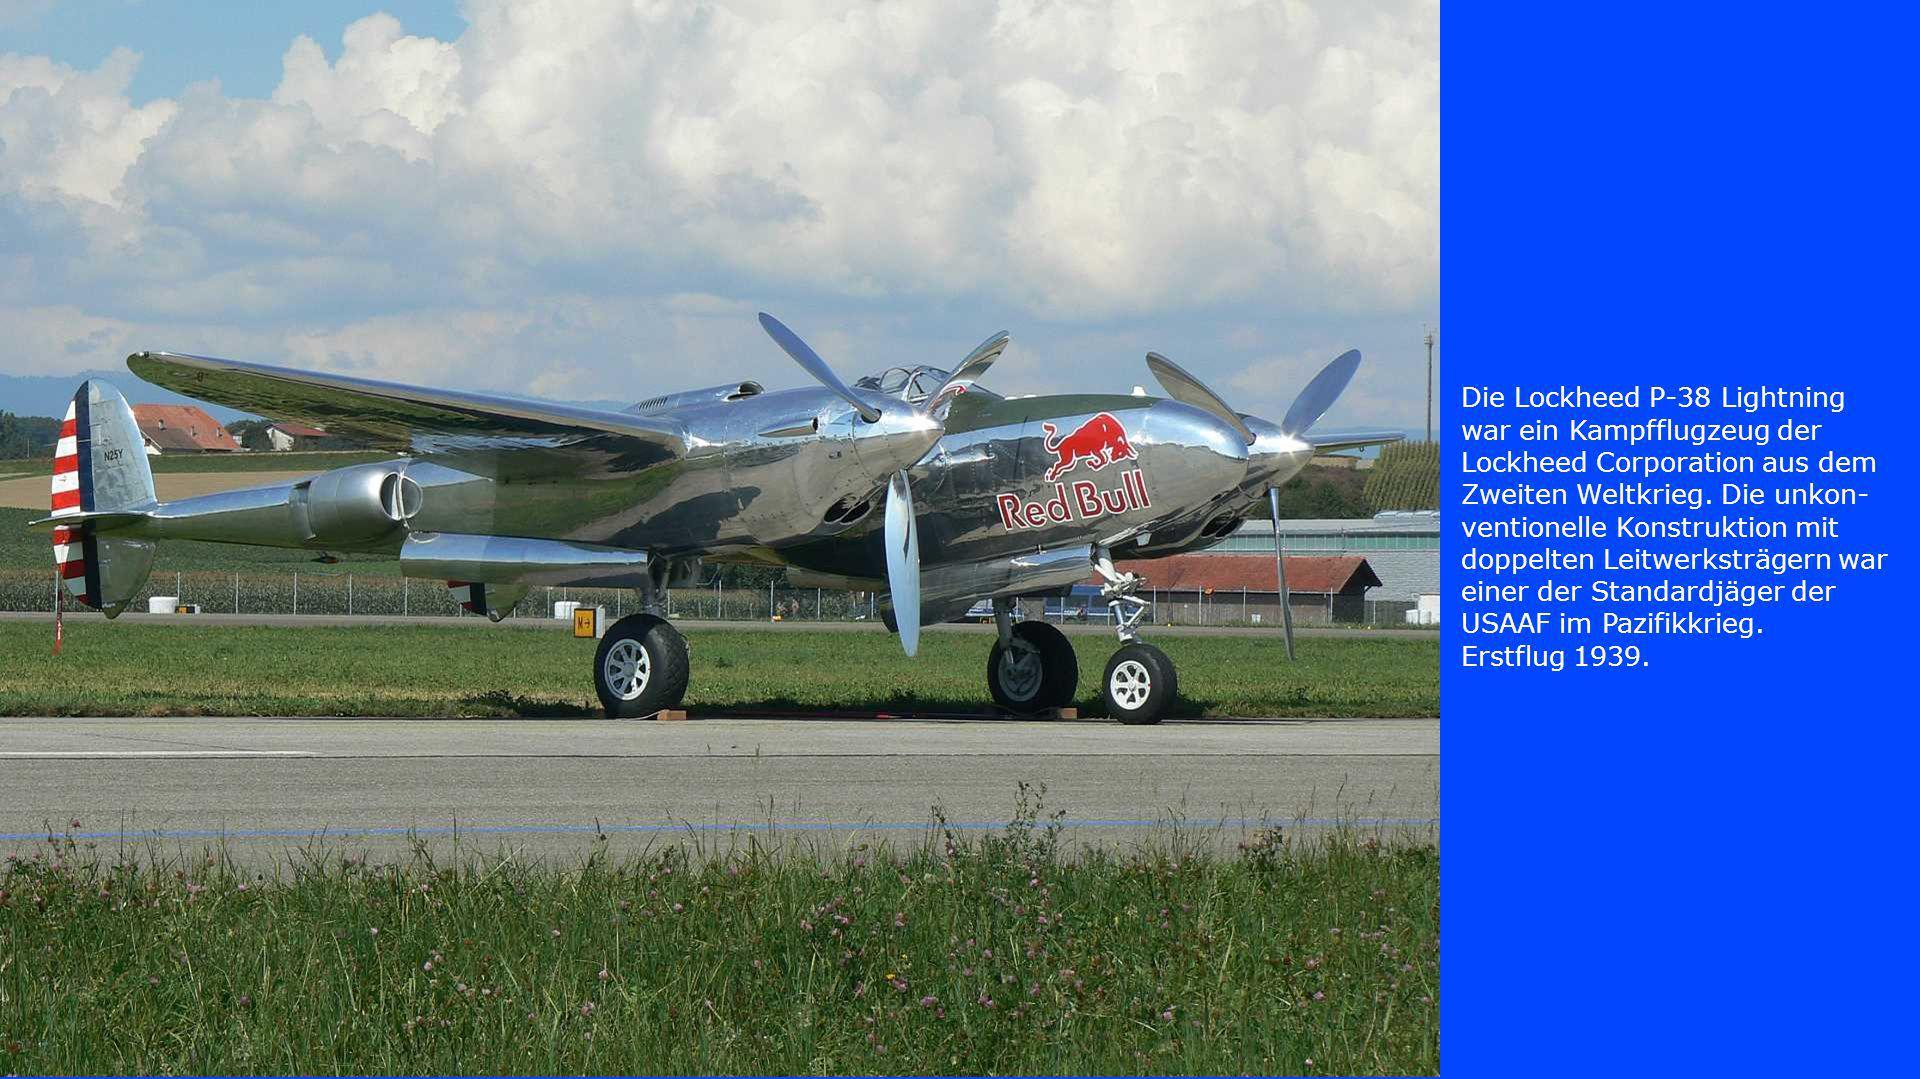 Die Lockheed P-38 Lightning war ein Kampfflugzeug der Lockheed Corporation aus dem Zweiten Weltkrieg. Die unkon- ventionelle Konstruktion mit doppelte